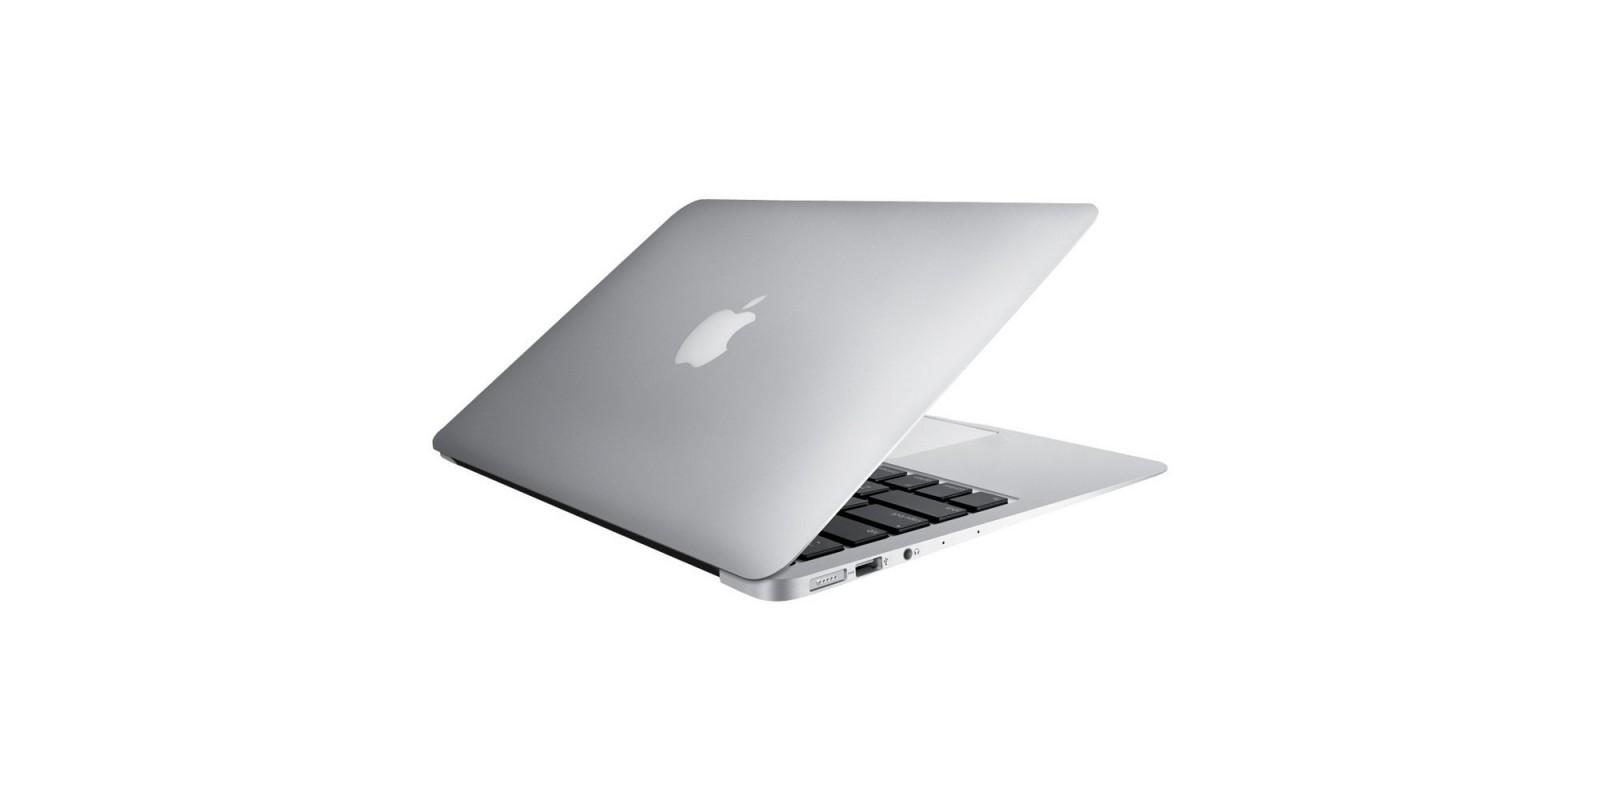 Apple MacBook Air MJVE2LL Closing